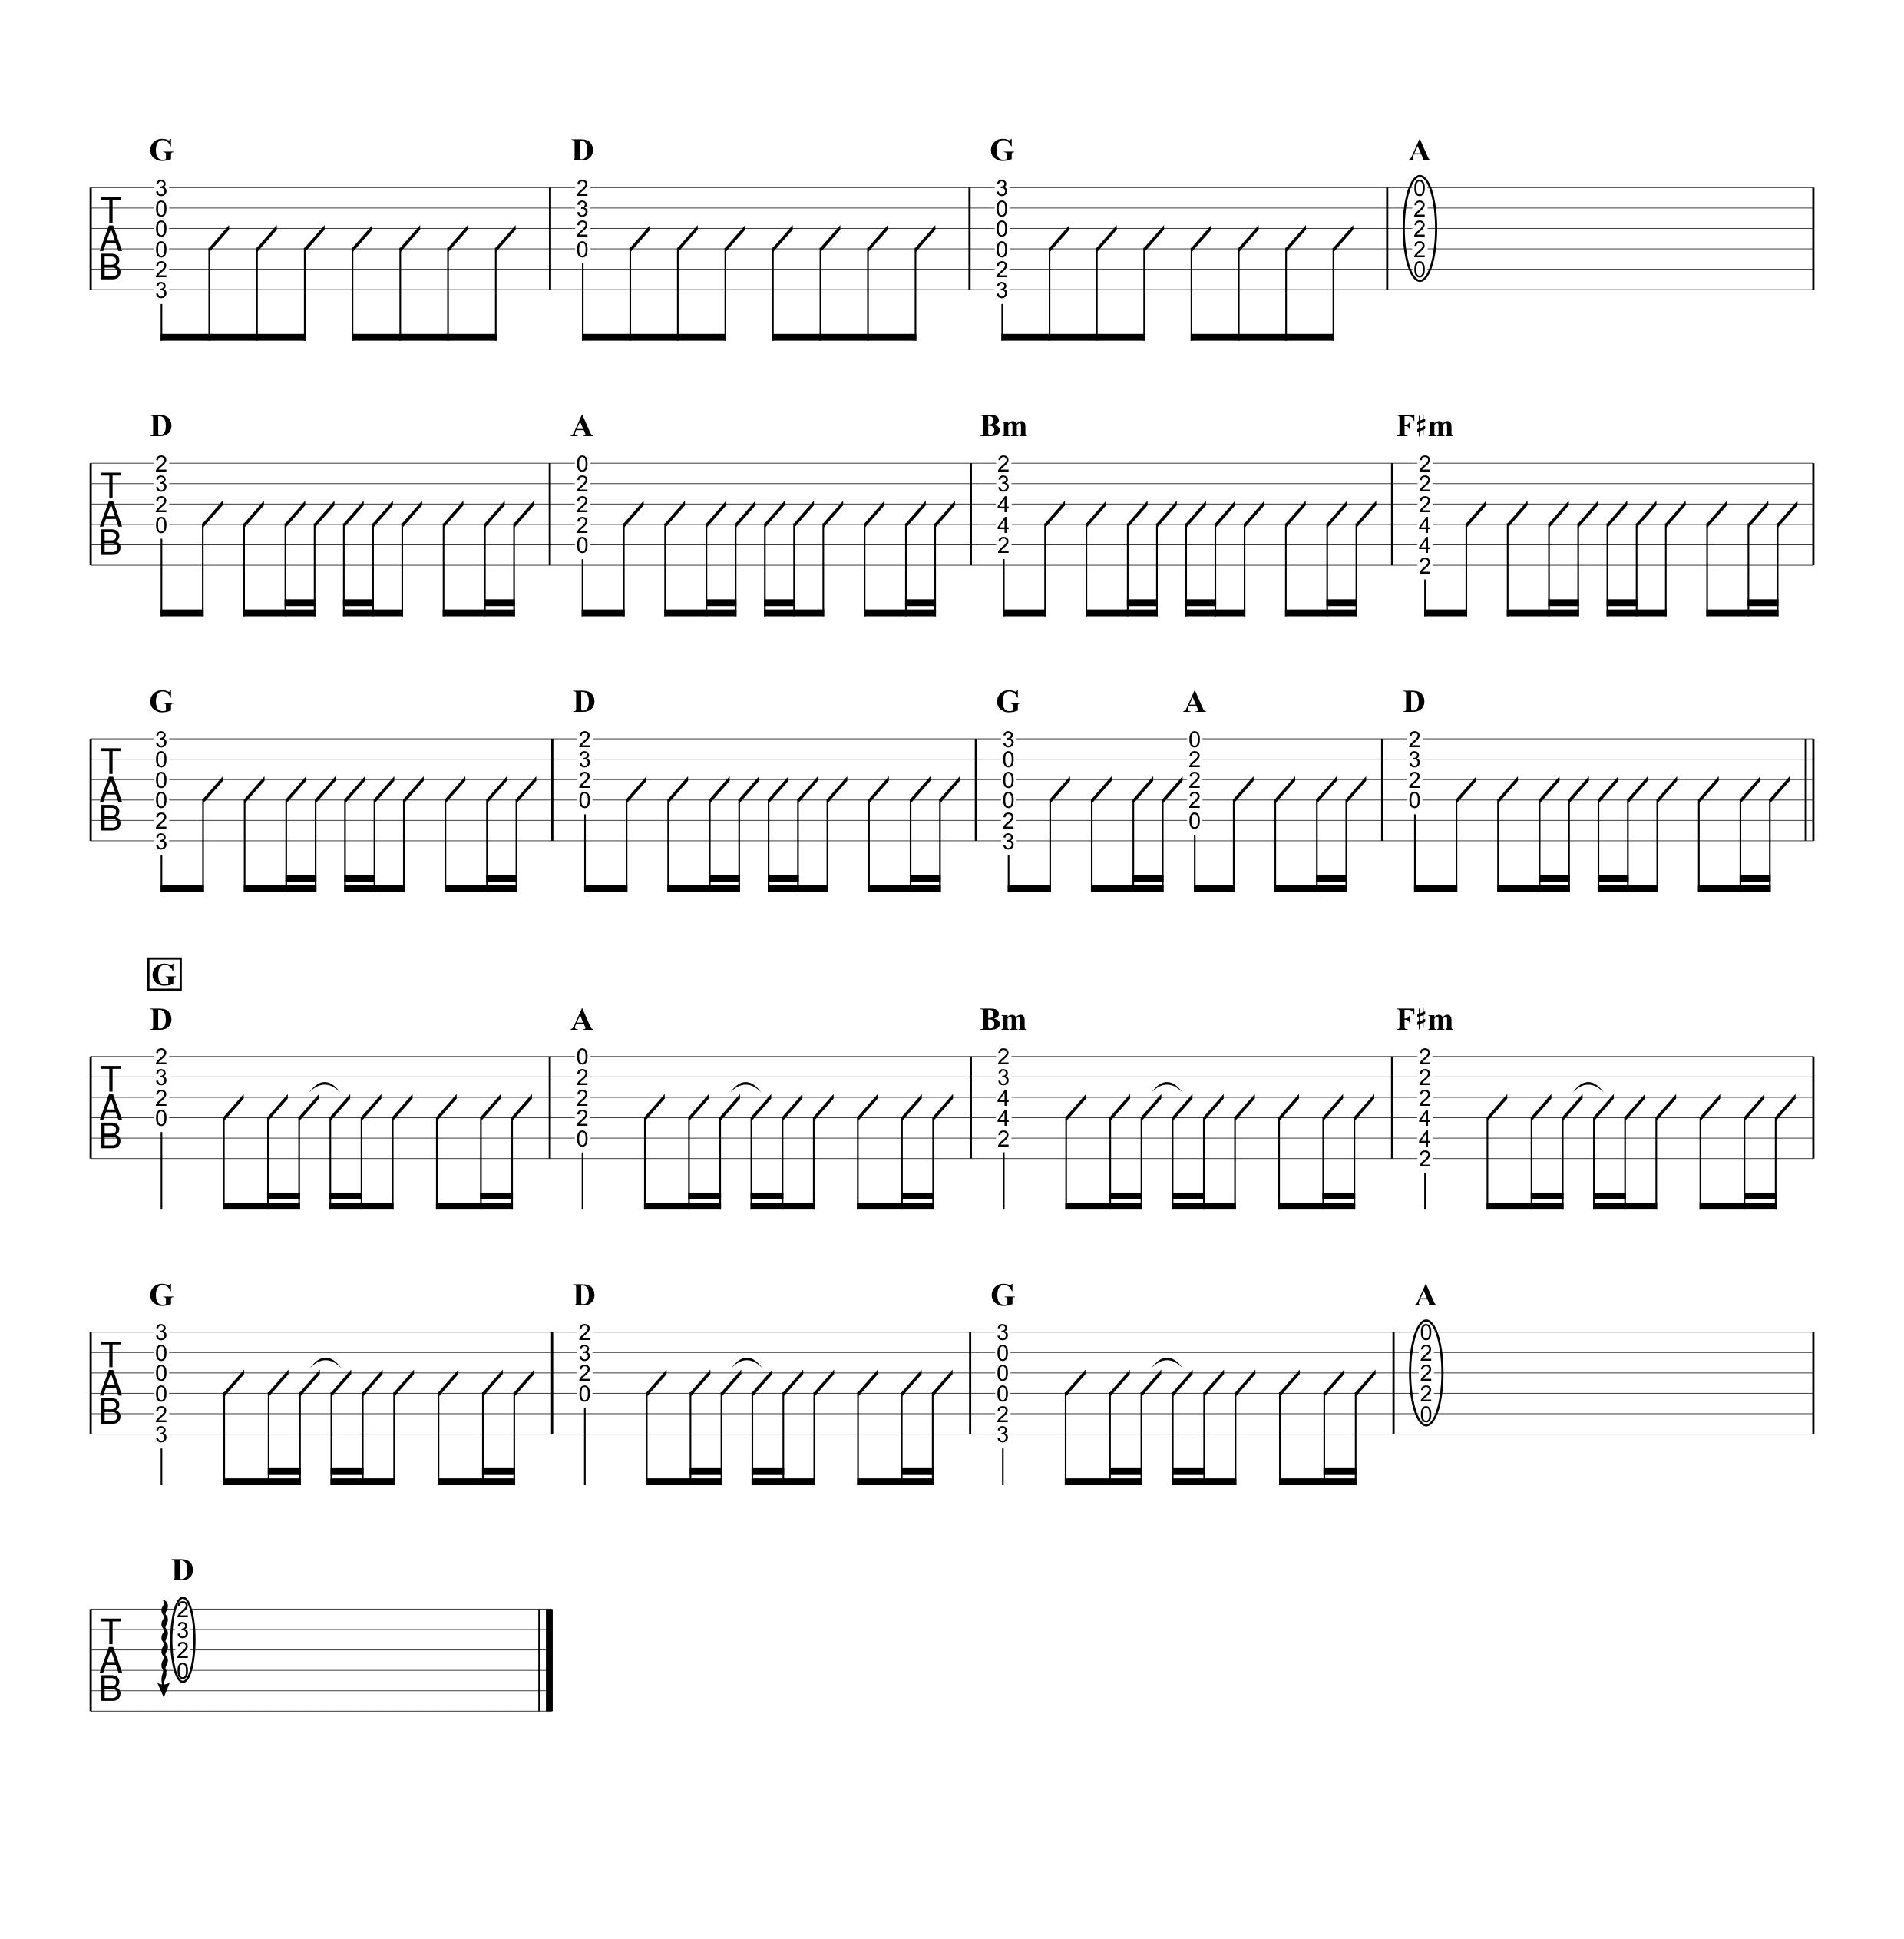 桜が降る夜は/あいみょん ギタータブ譜 アコギ向けコードストロークで弾くVer.03